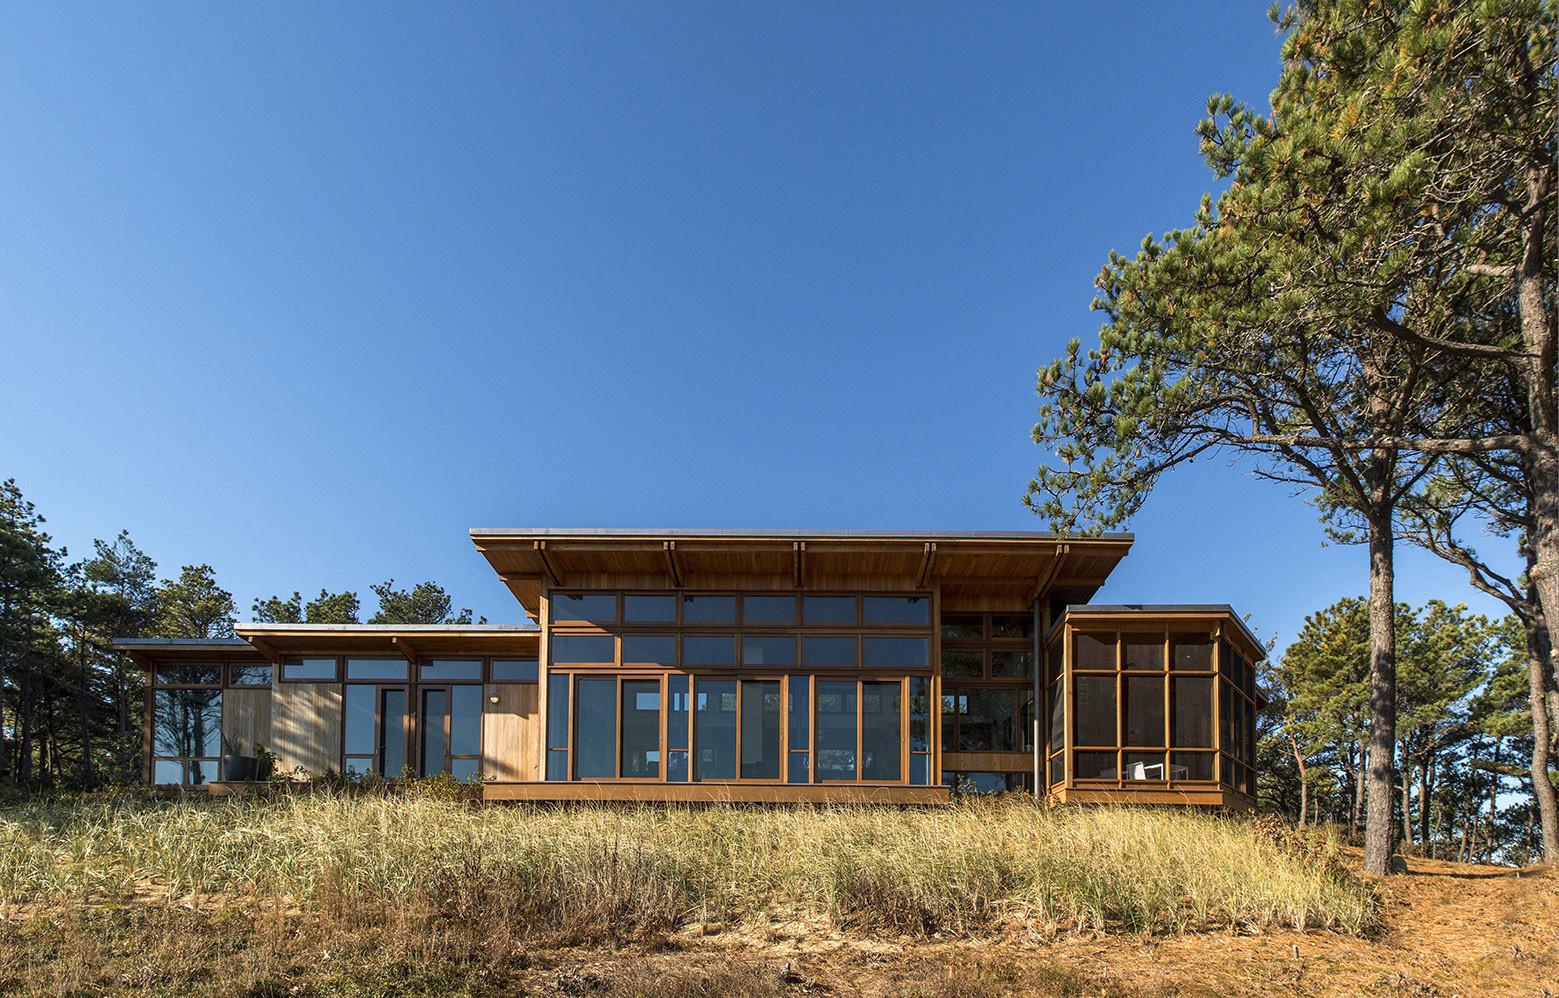 Casa sobre Dunas / Hammer Architects, © Hammer Architects